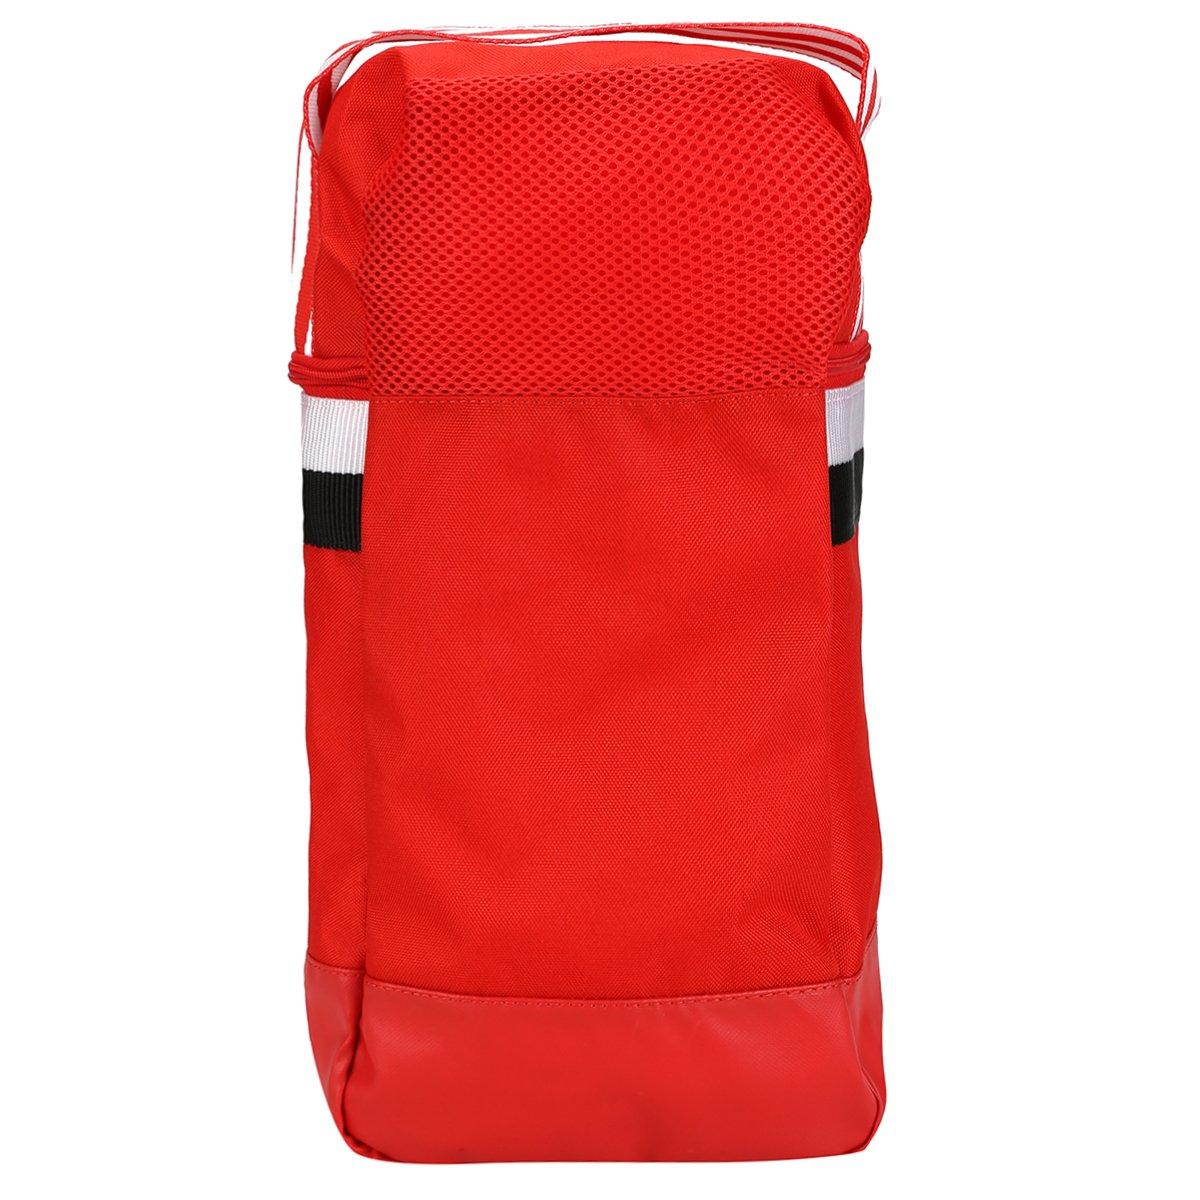 Porta-chuteira Adidas Flamengo - Compre Agora  d455294f4f59e